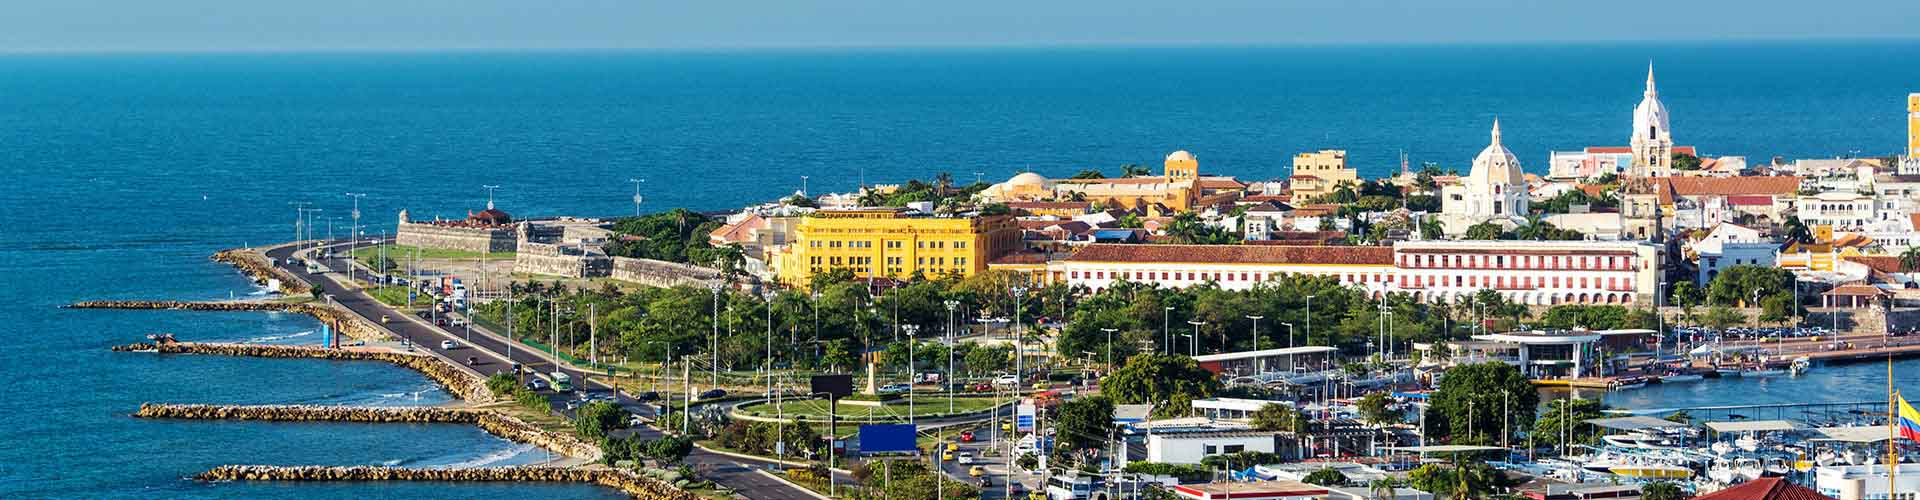 Cartagena - Hostele w mieście: Cartagena, Mapy: Cartagena, Zdjęcia i Recenzje dla każdego hostelu w mieście Cartagena.